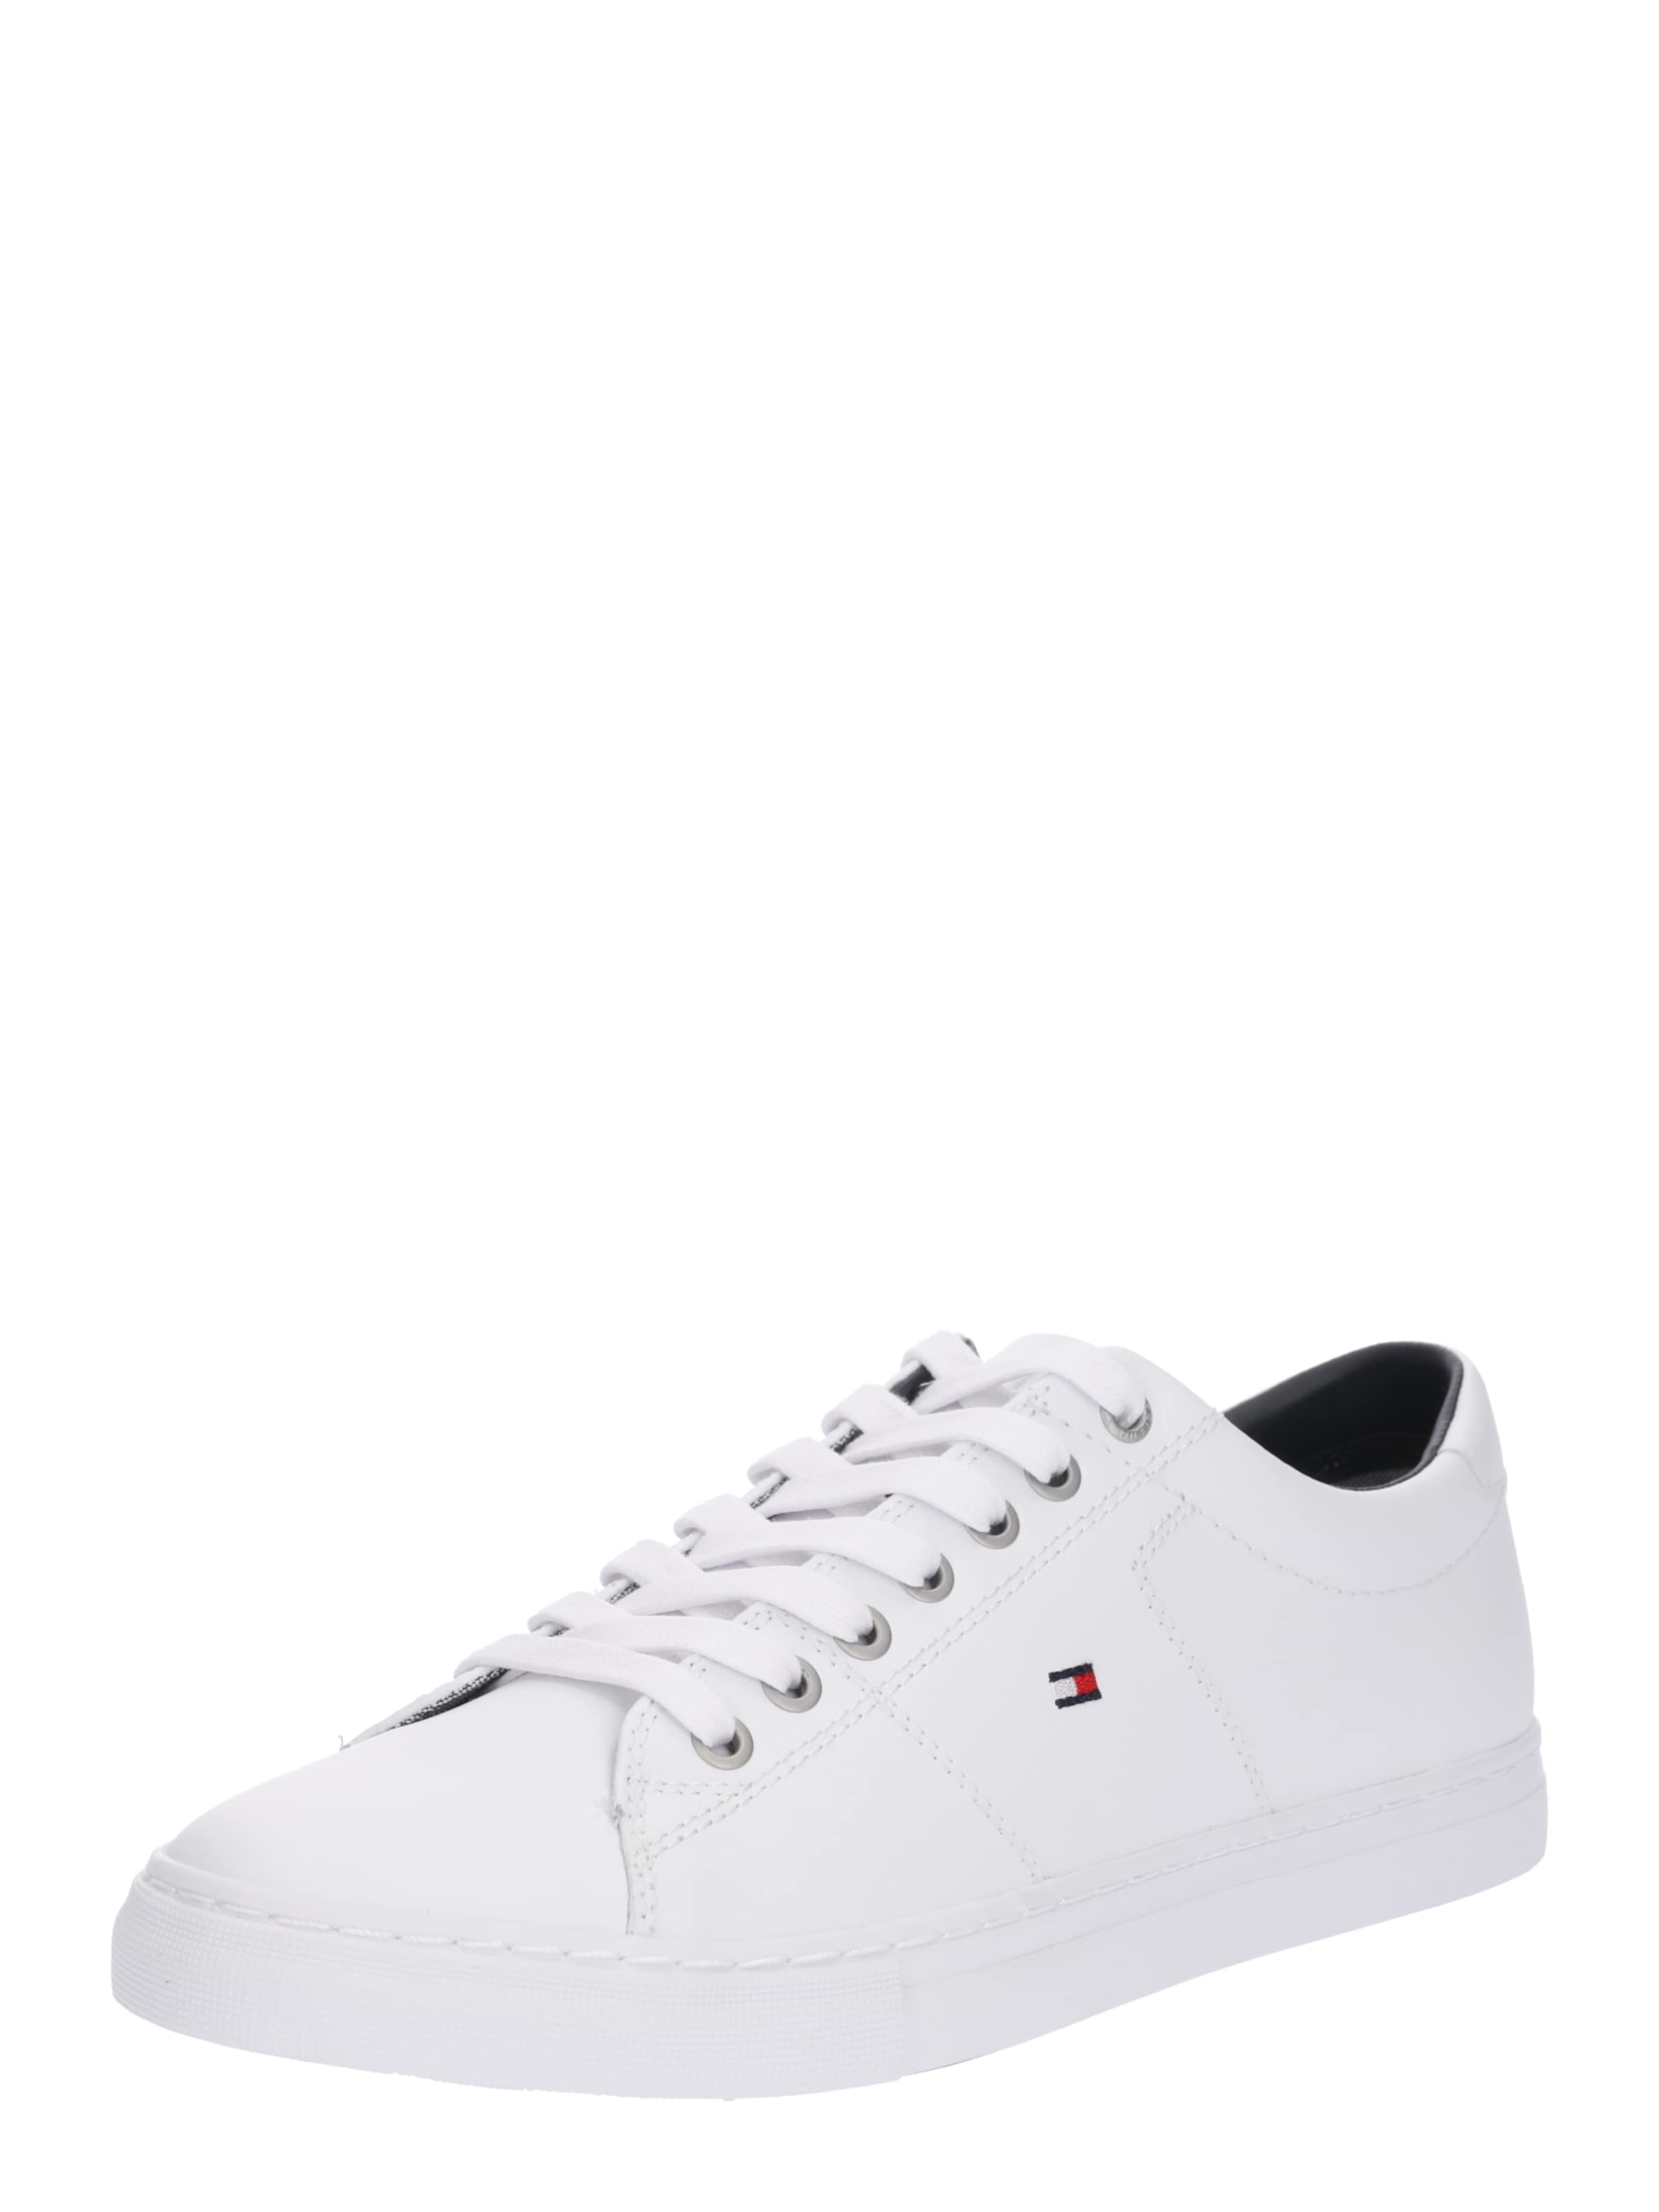 Haltbare HILFIGER Mode billige Schuhe TOMMY HILFIGER Haltbare | Sneaker 'Essential' Schuhe Gut getragene Schuhe 238289